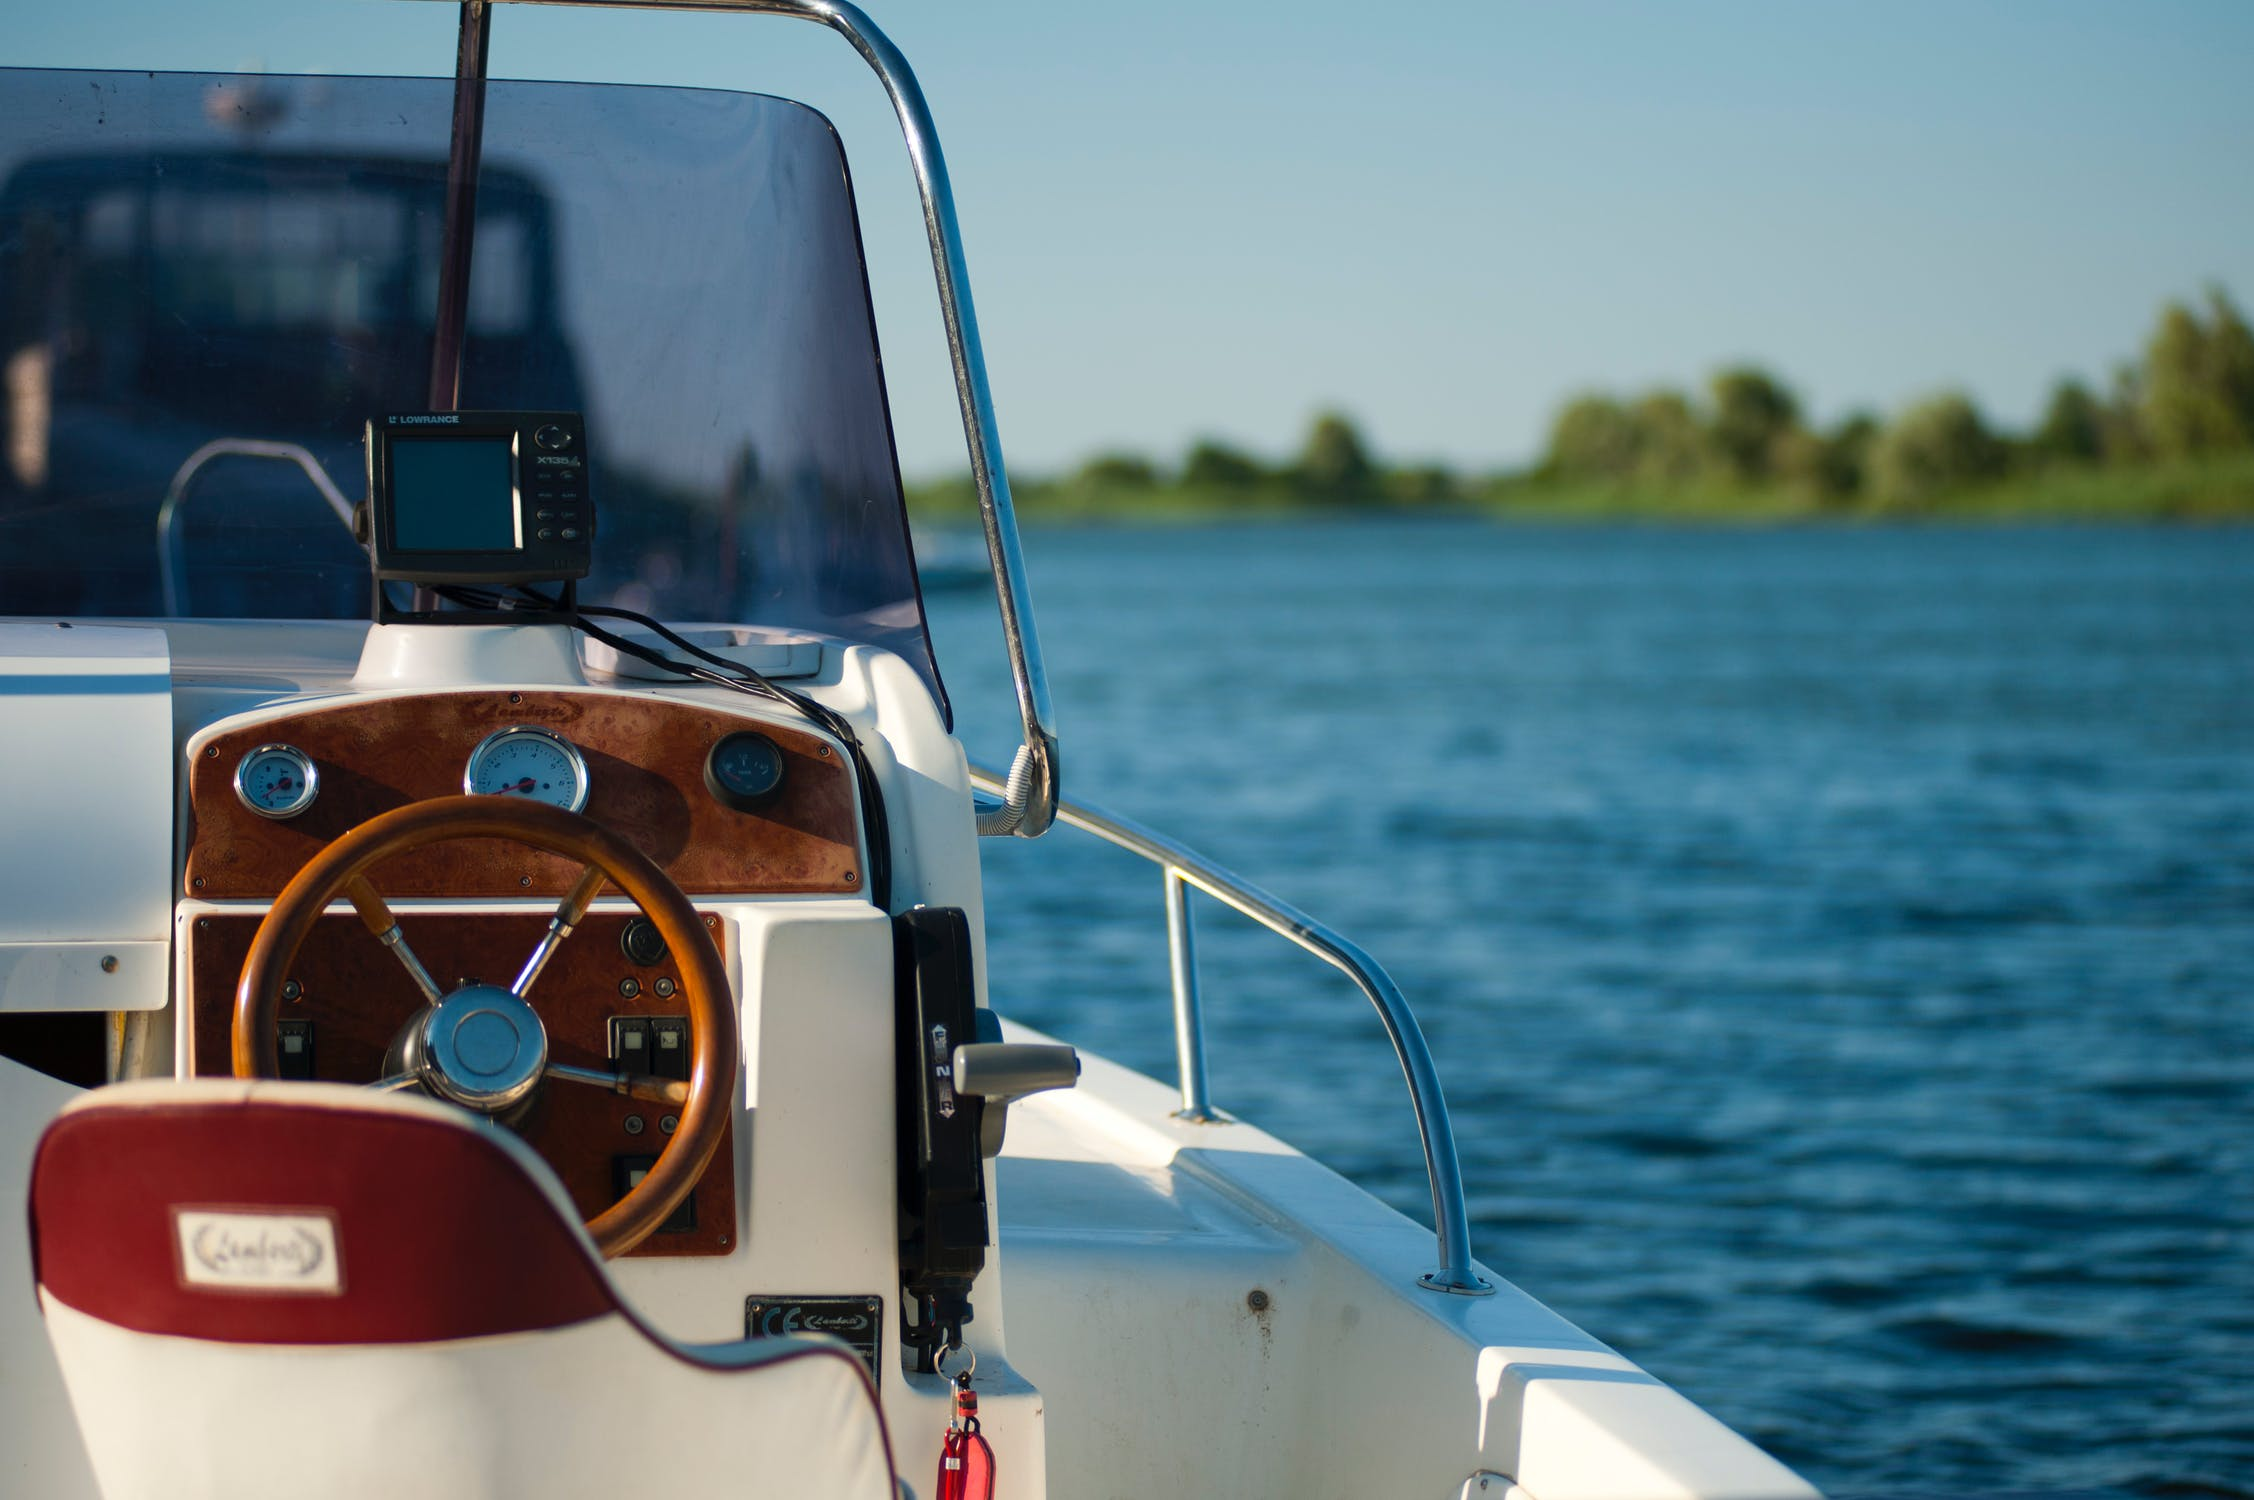 Wat neem je mee op een bootvakantie?